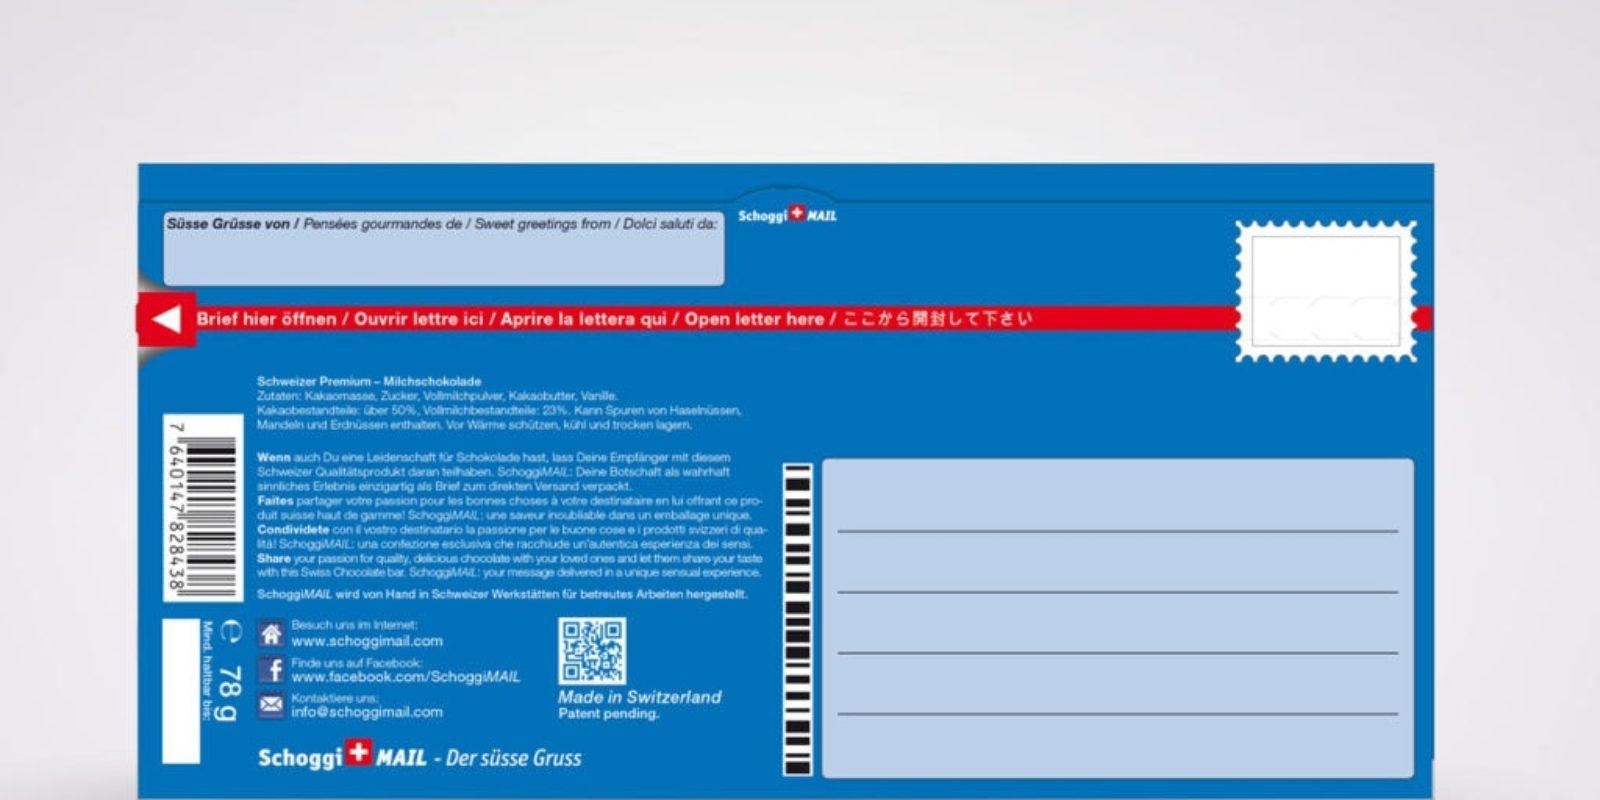 1137843-SchoggiMAIL_Zuerich_back